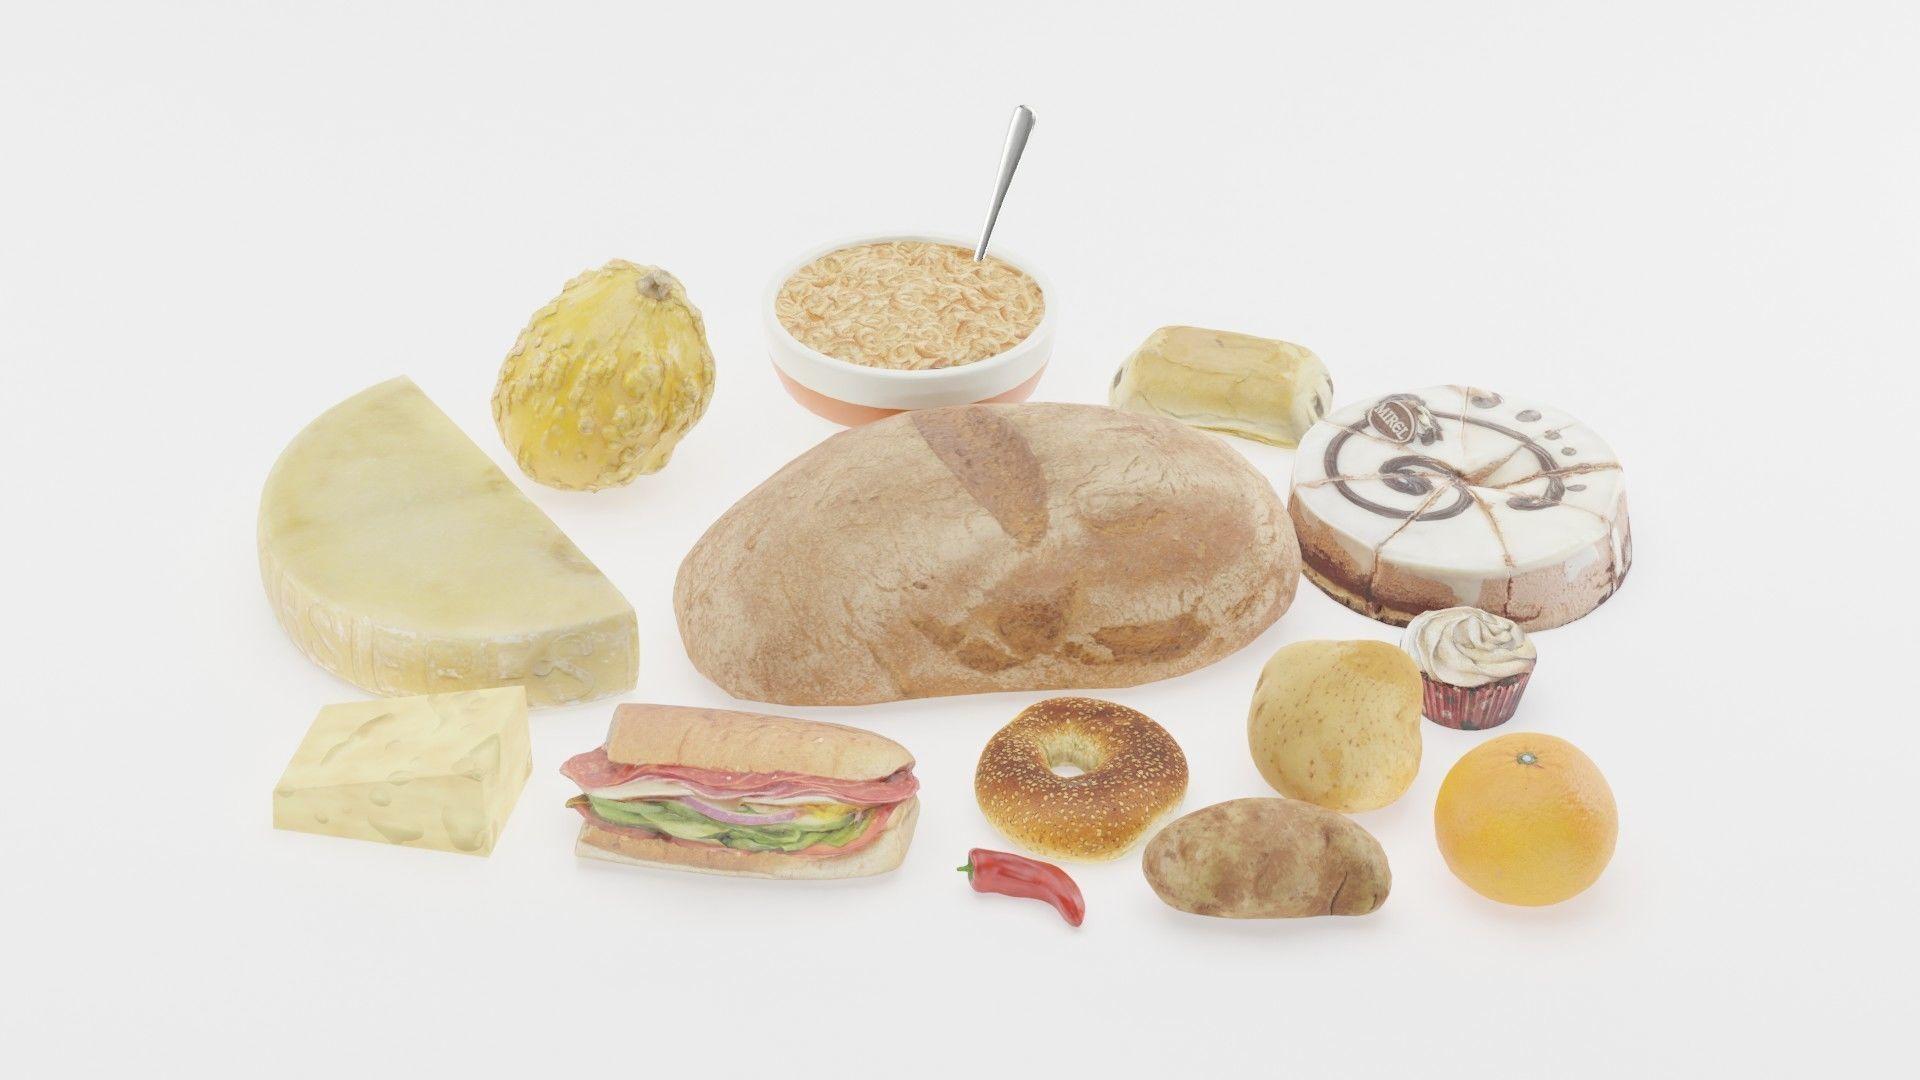 食物,面包,三明治,辣椒,土豆,奶酪3D模型